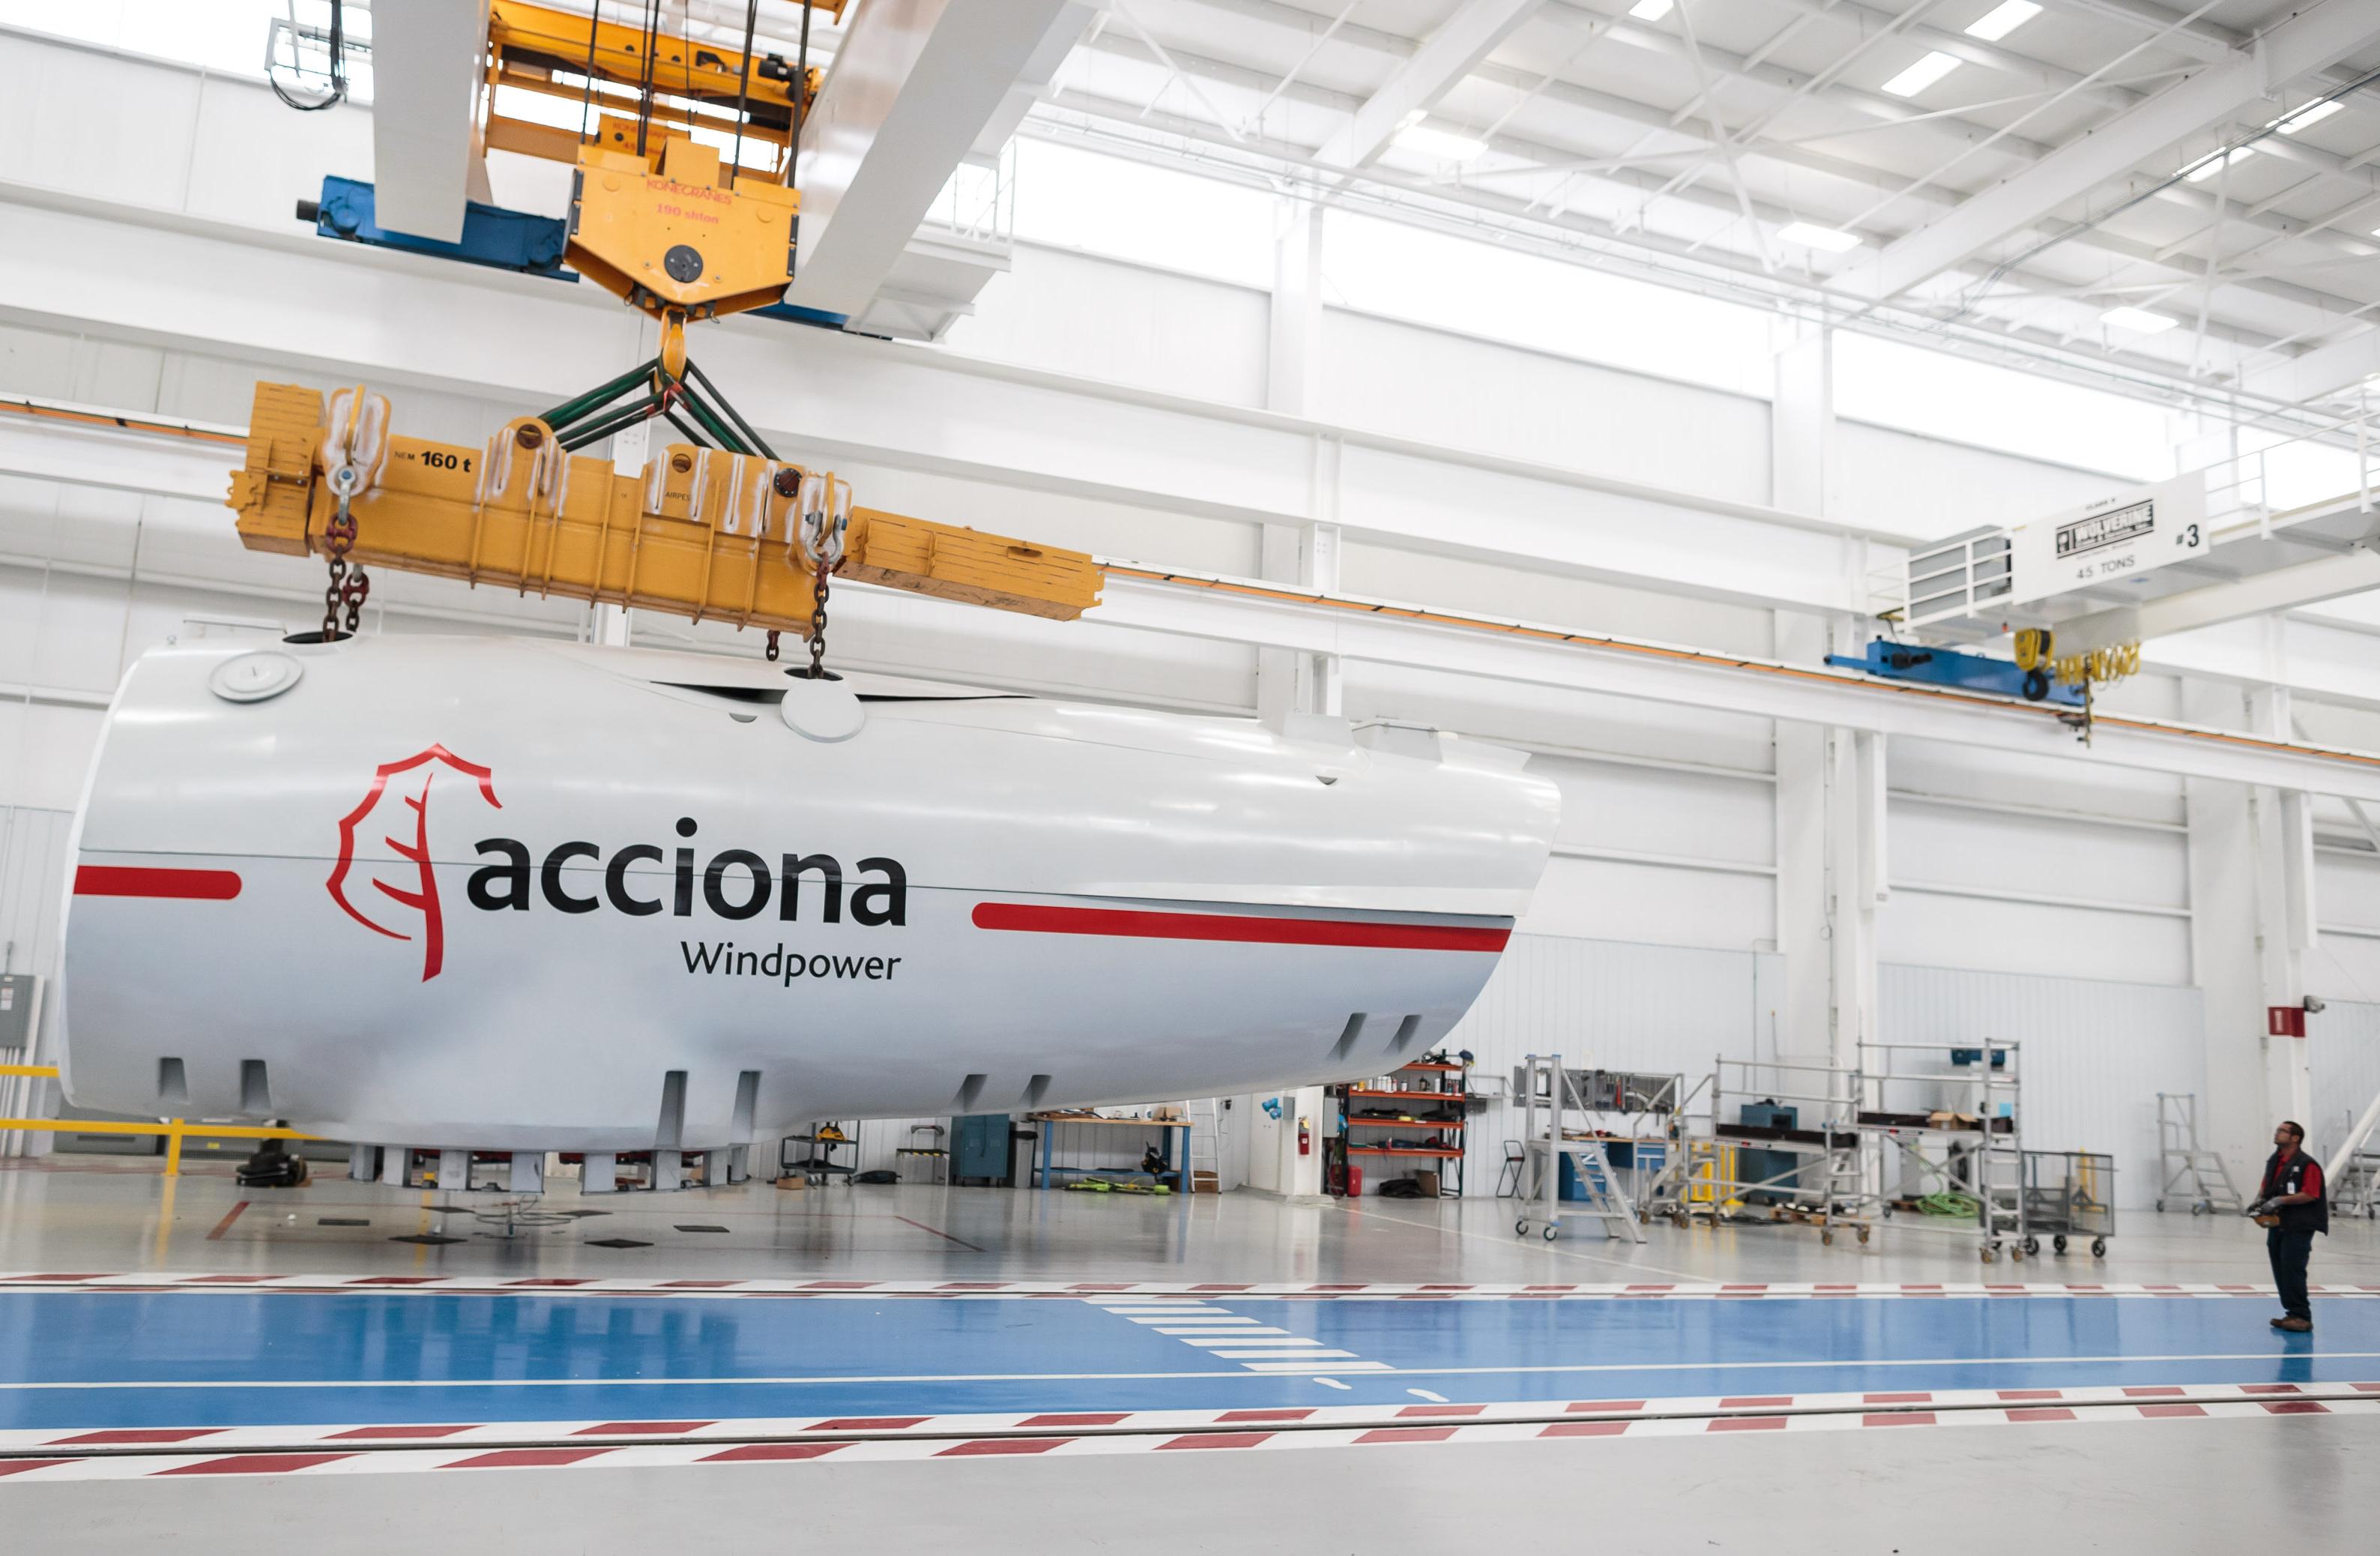 Eólica: Acciona instala planta de nacelles para aerogeneradores eólicos en Bahía